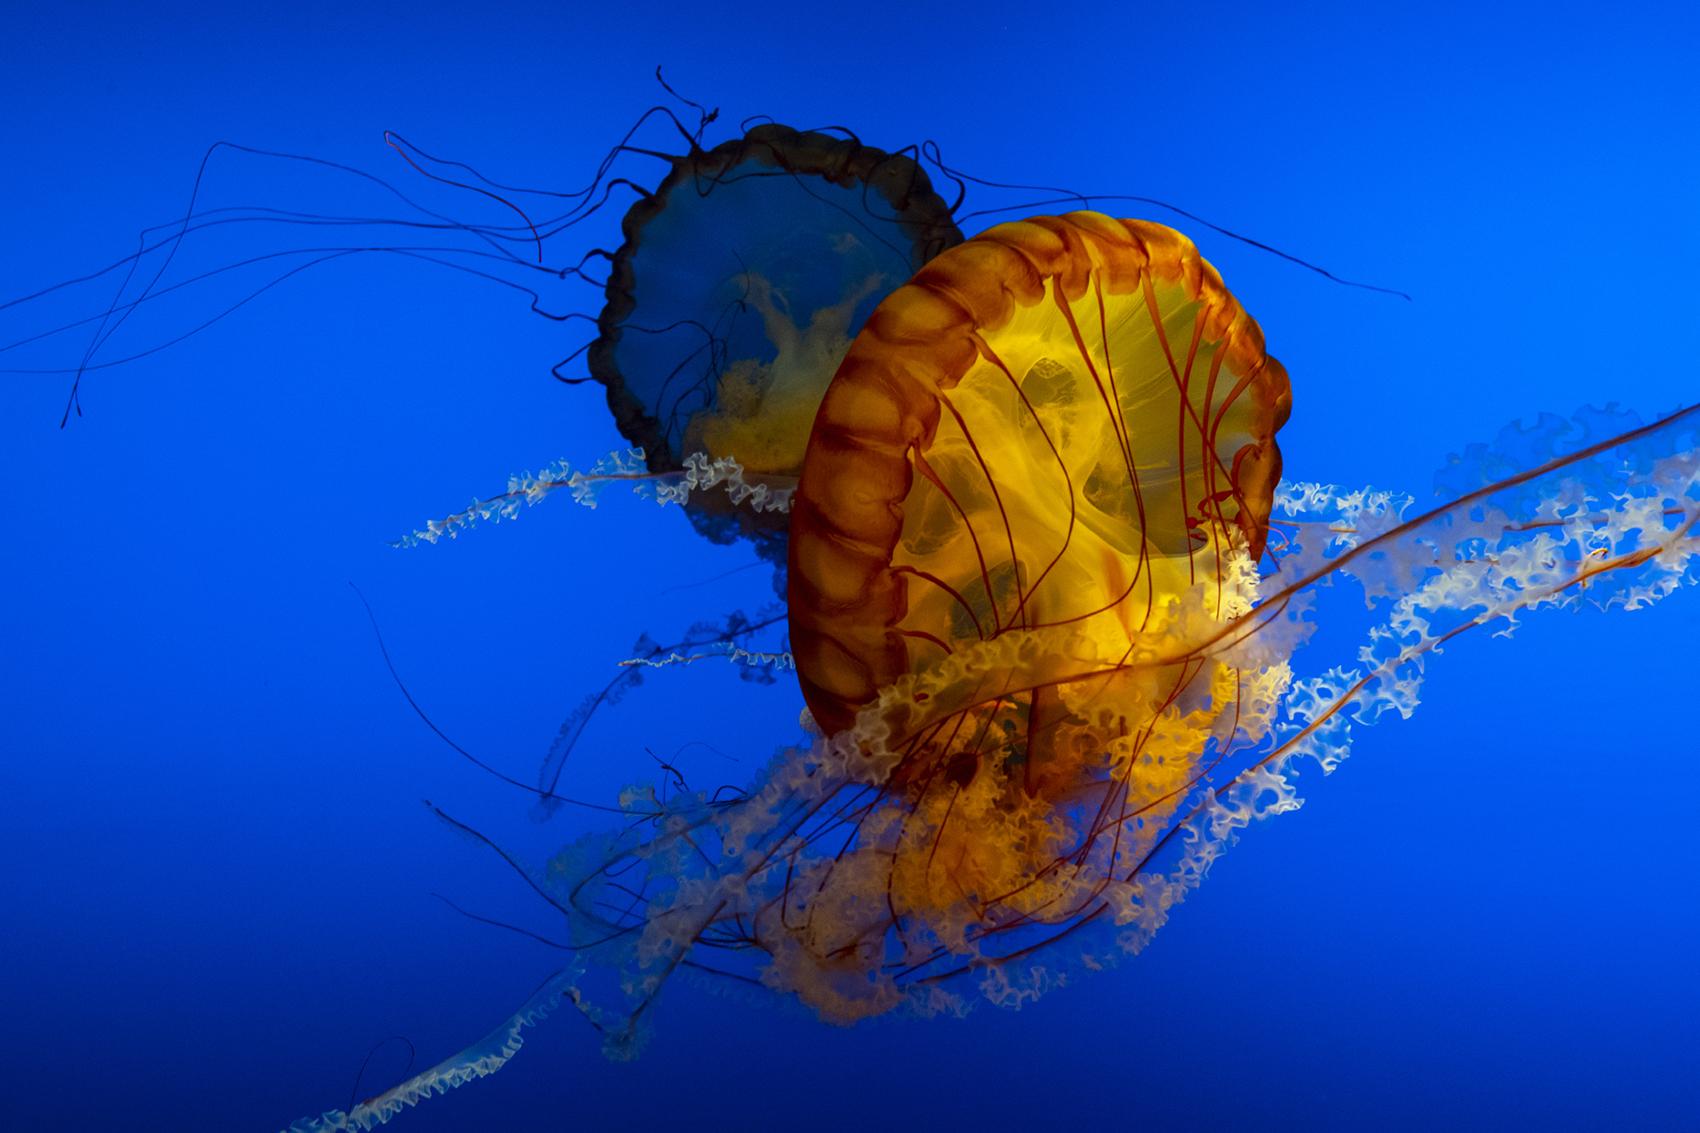 Underwater Umbrellas